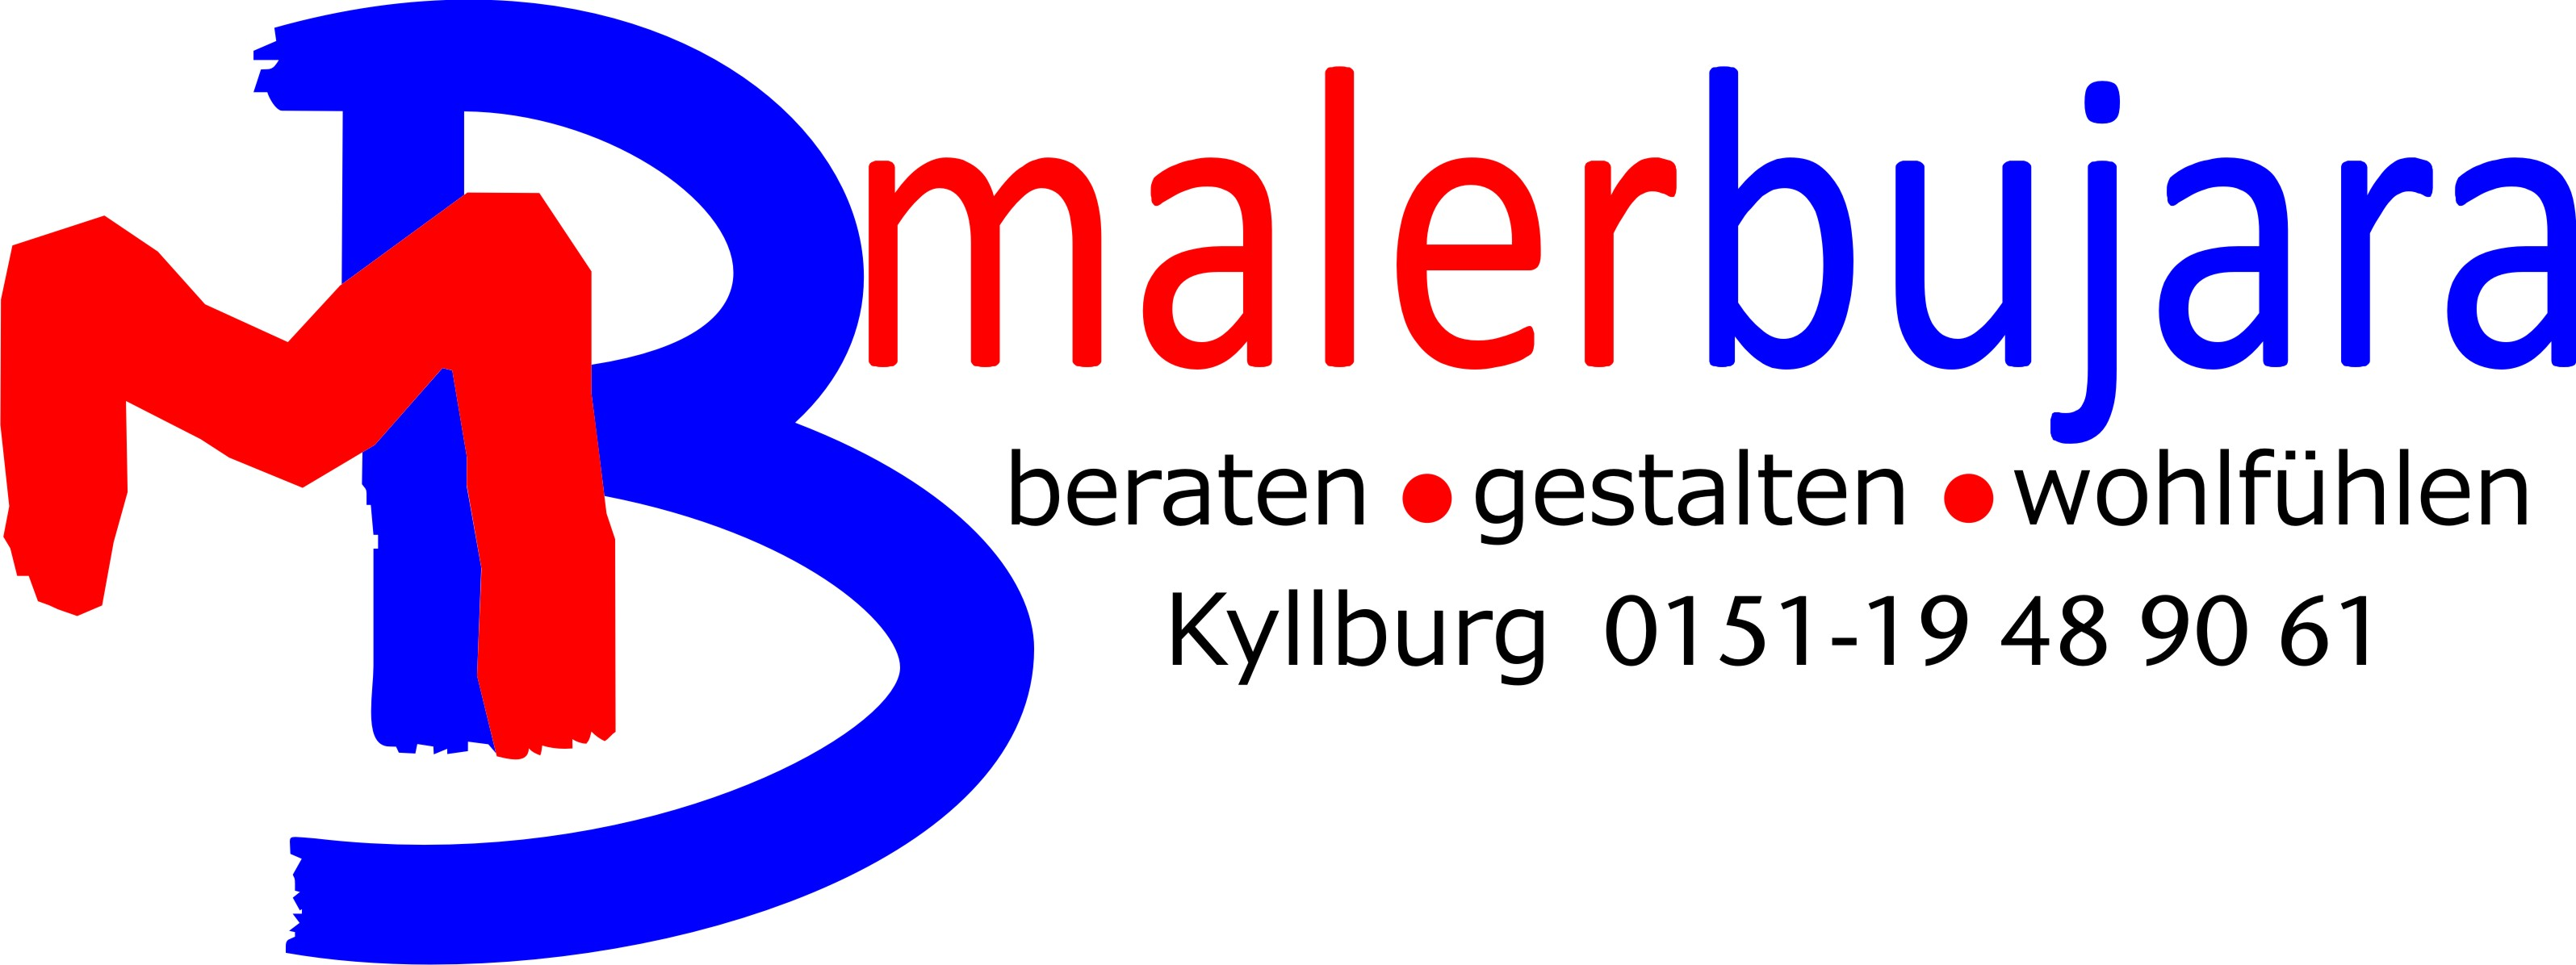 bujara-maler-logo-kopie